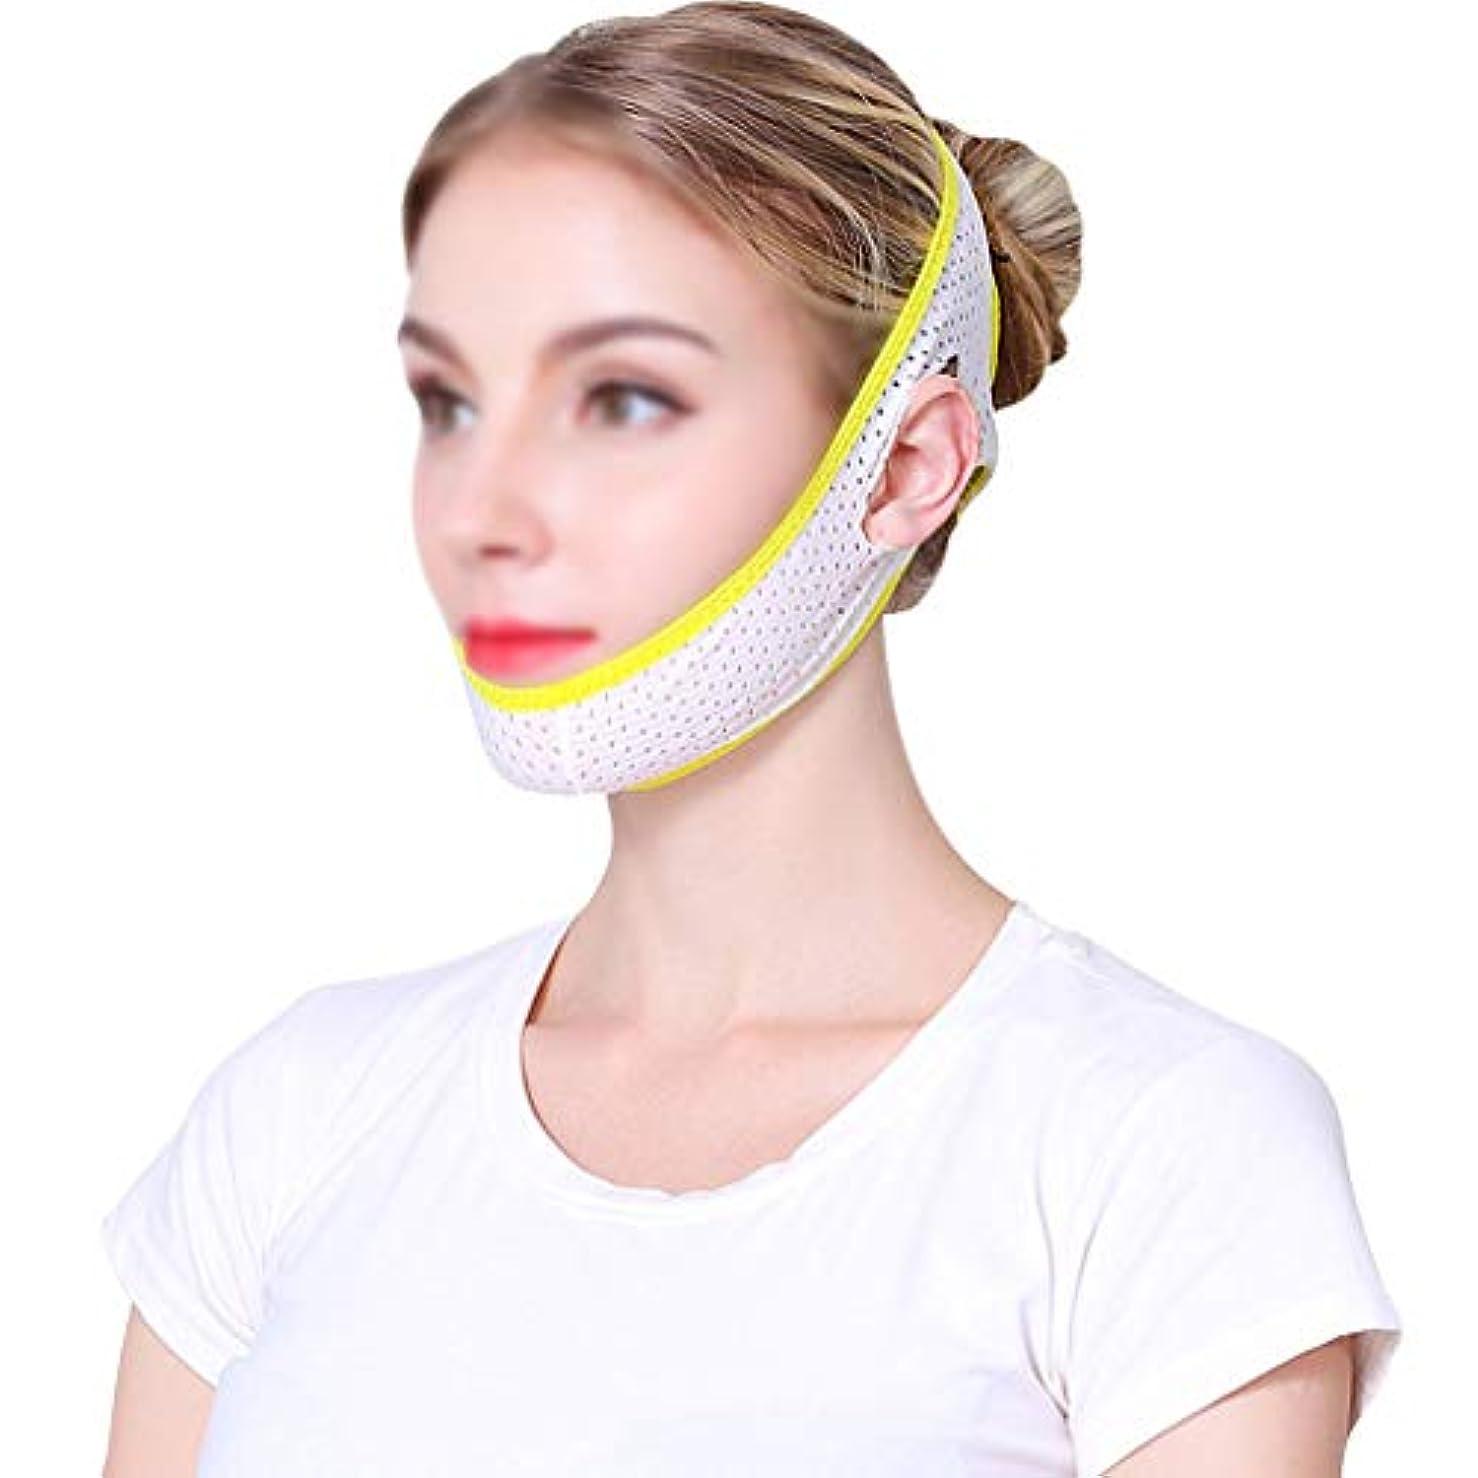 曲辛な衛星LJK マスク包帯を持ち上げて、整形手術の夏通気性の薄いセクション二重あごストラップVフェイス薄いフェイスマスク